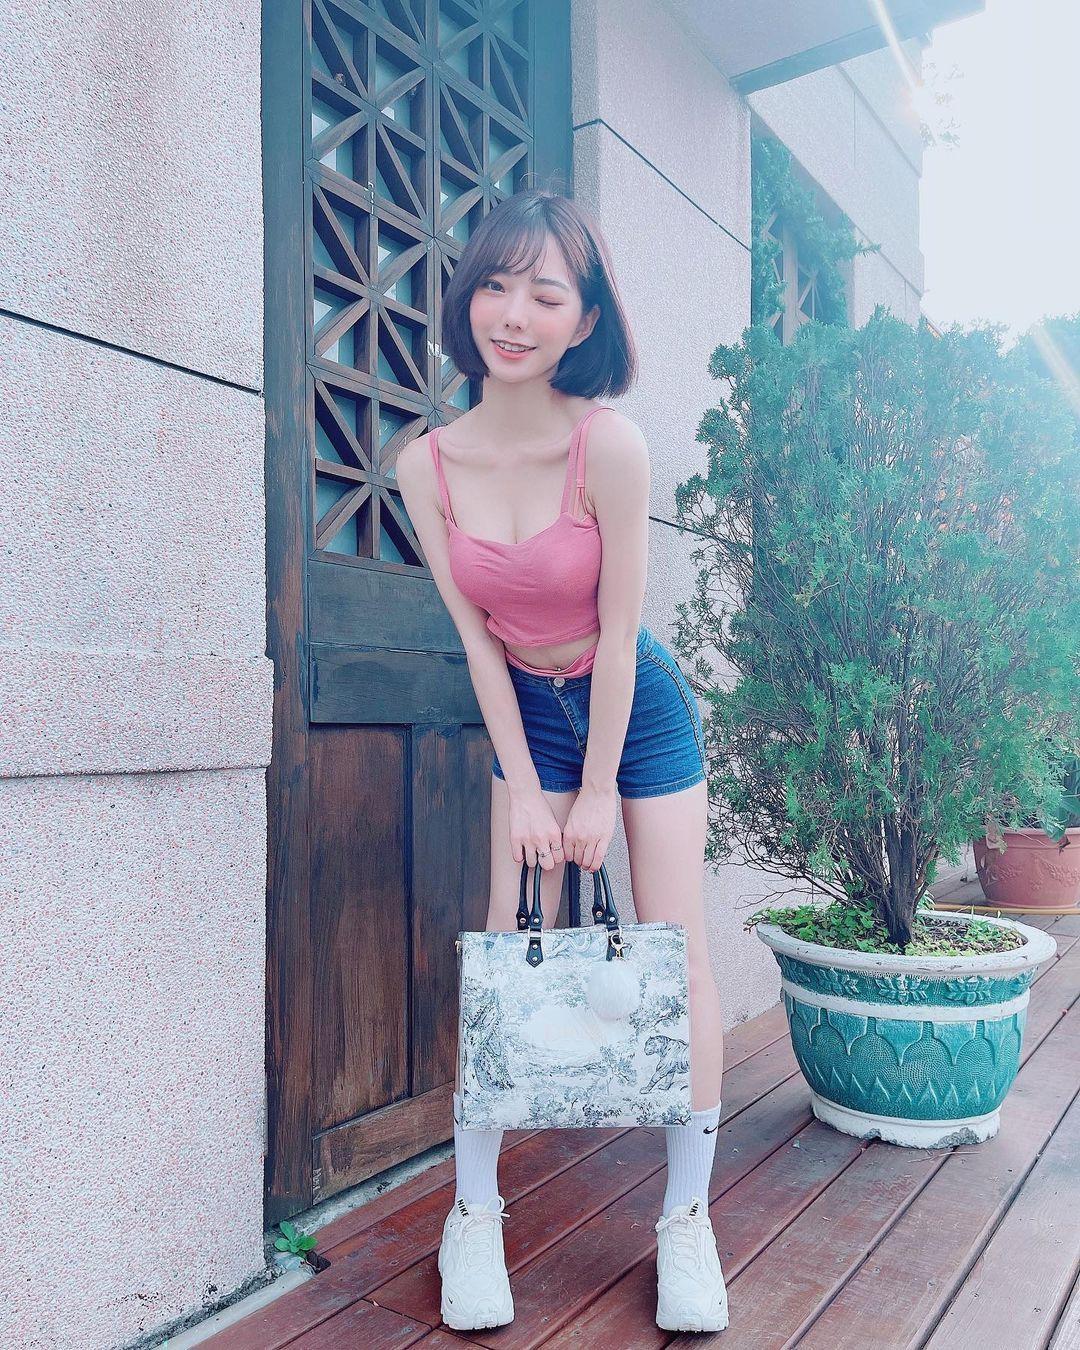 甜美正妹羽球手啾啾能纯能欲 偷偷使坏露性感微笑线 养眼图片 第7张